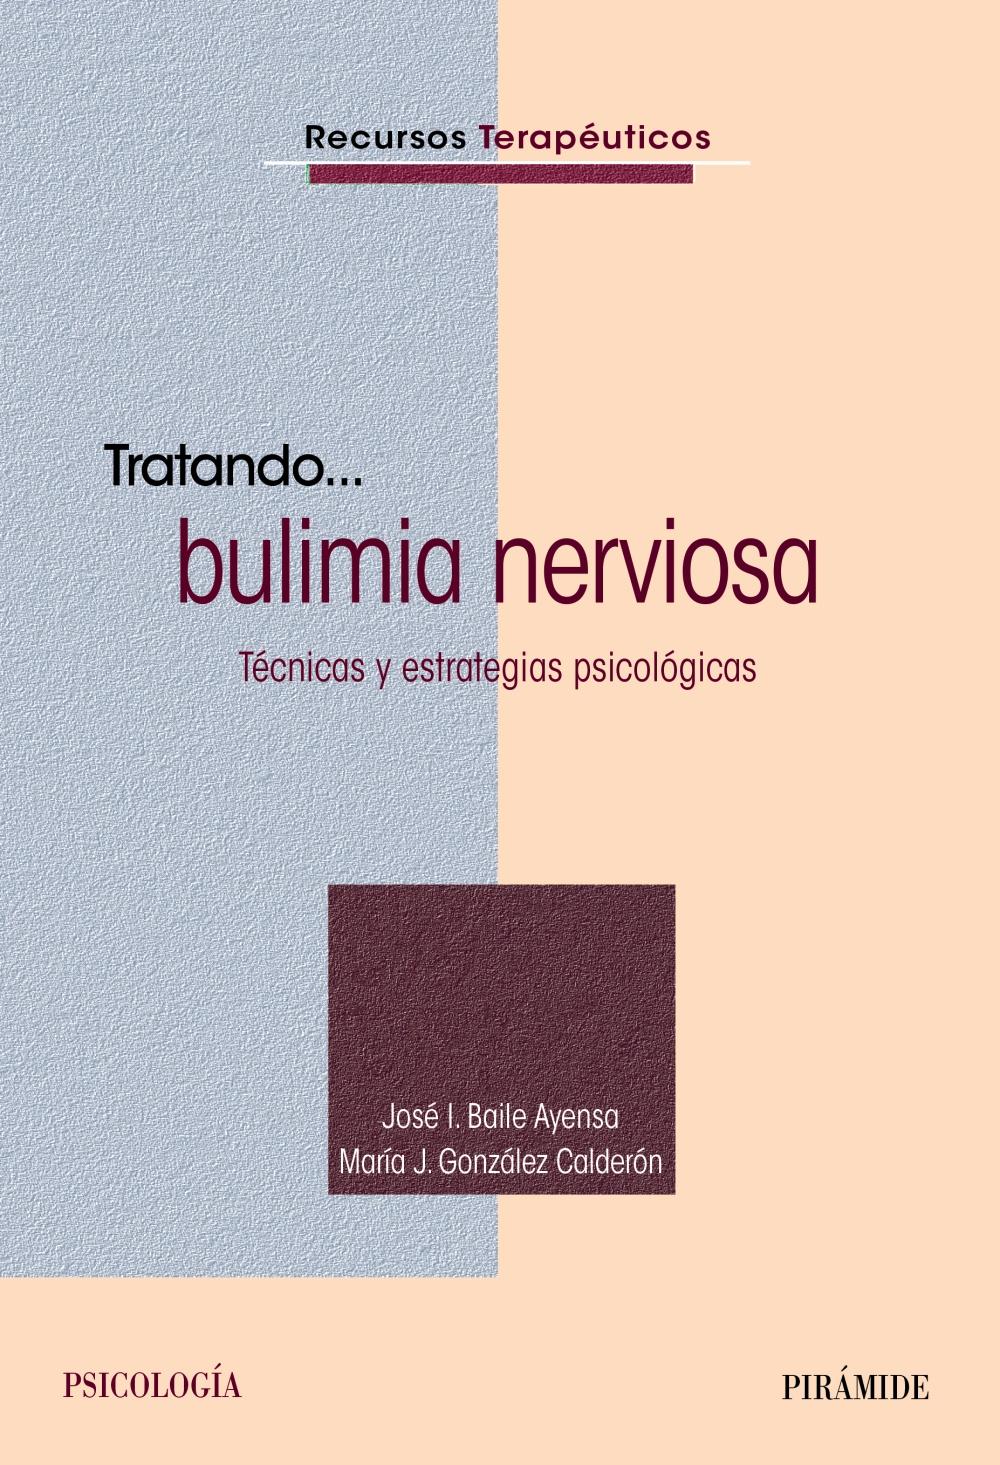 Tratando... bulimia nerviosa (ebook)